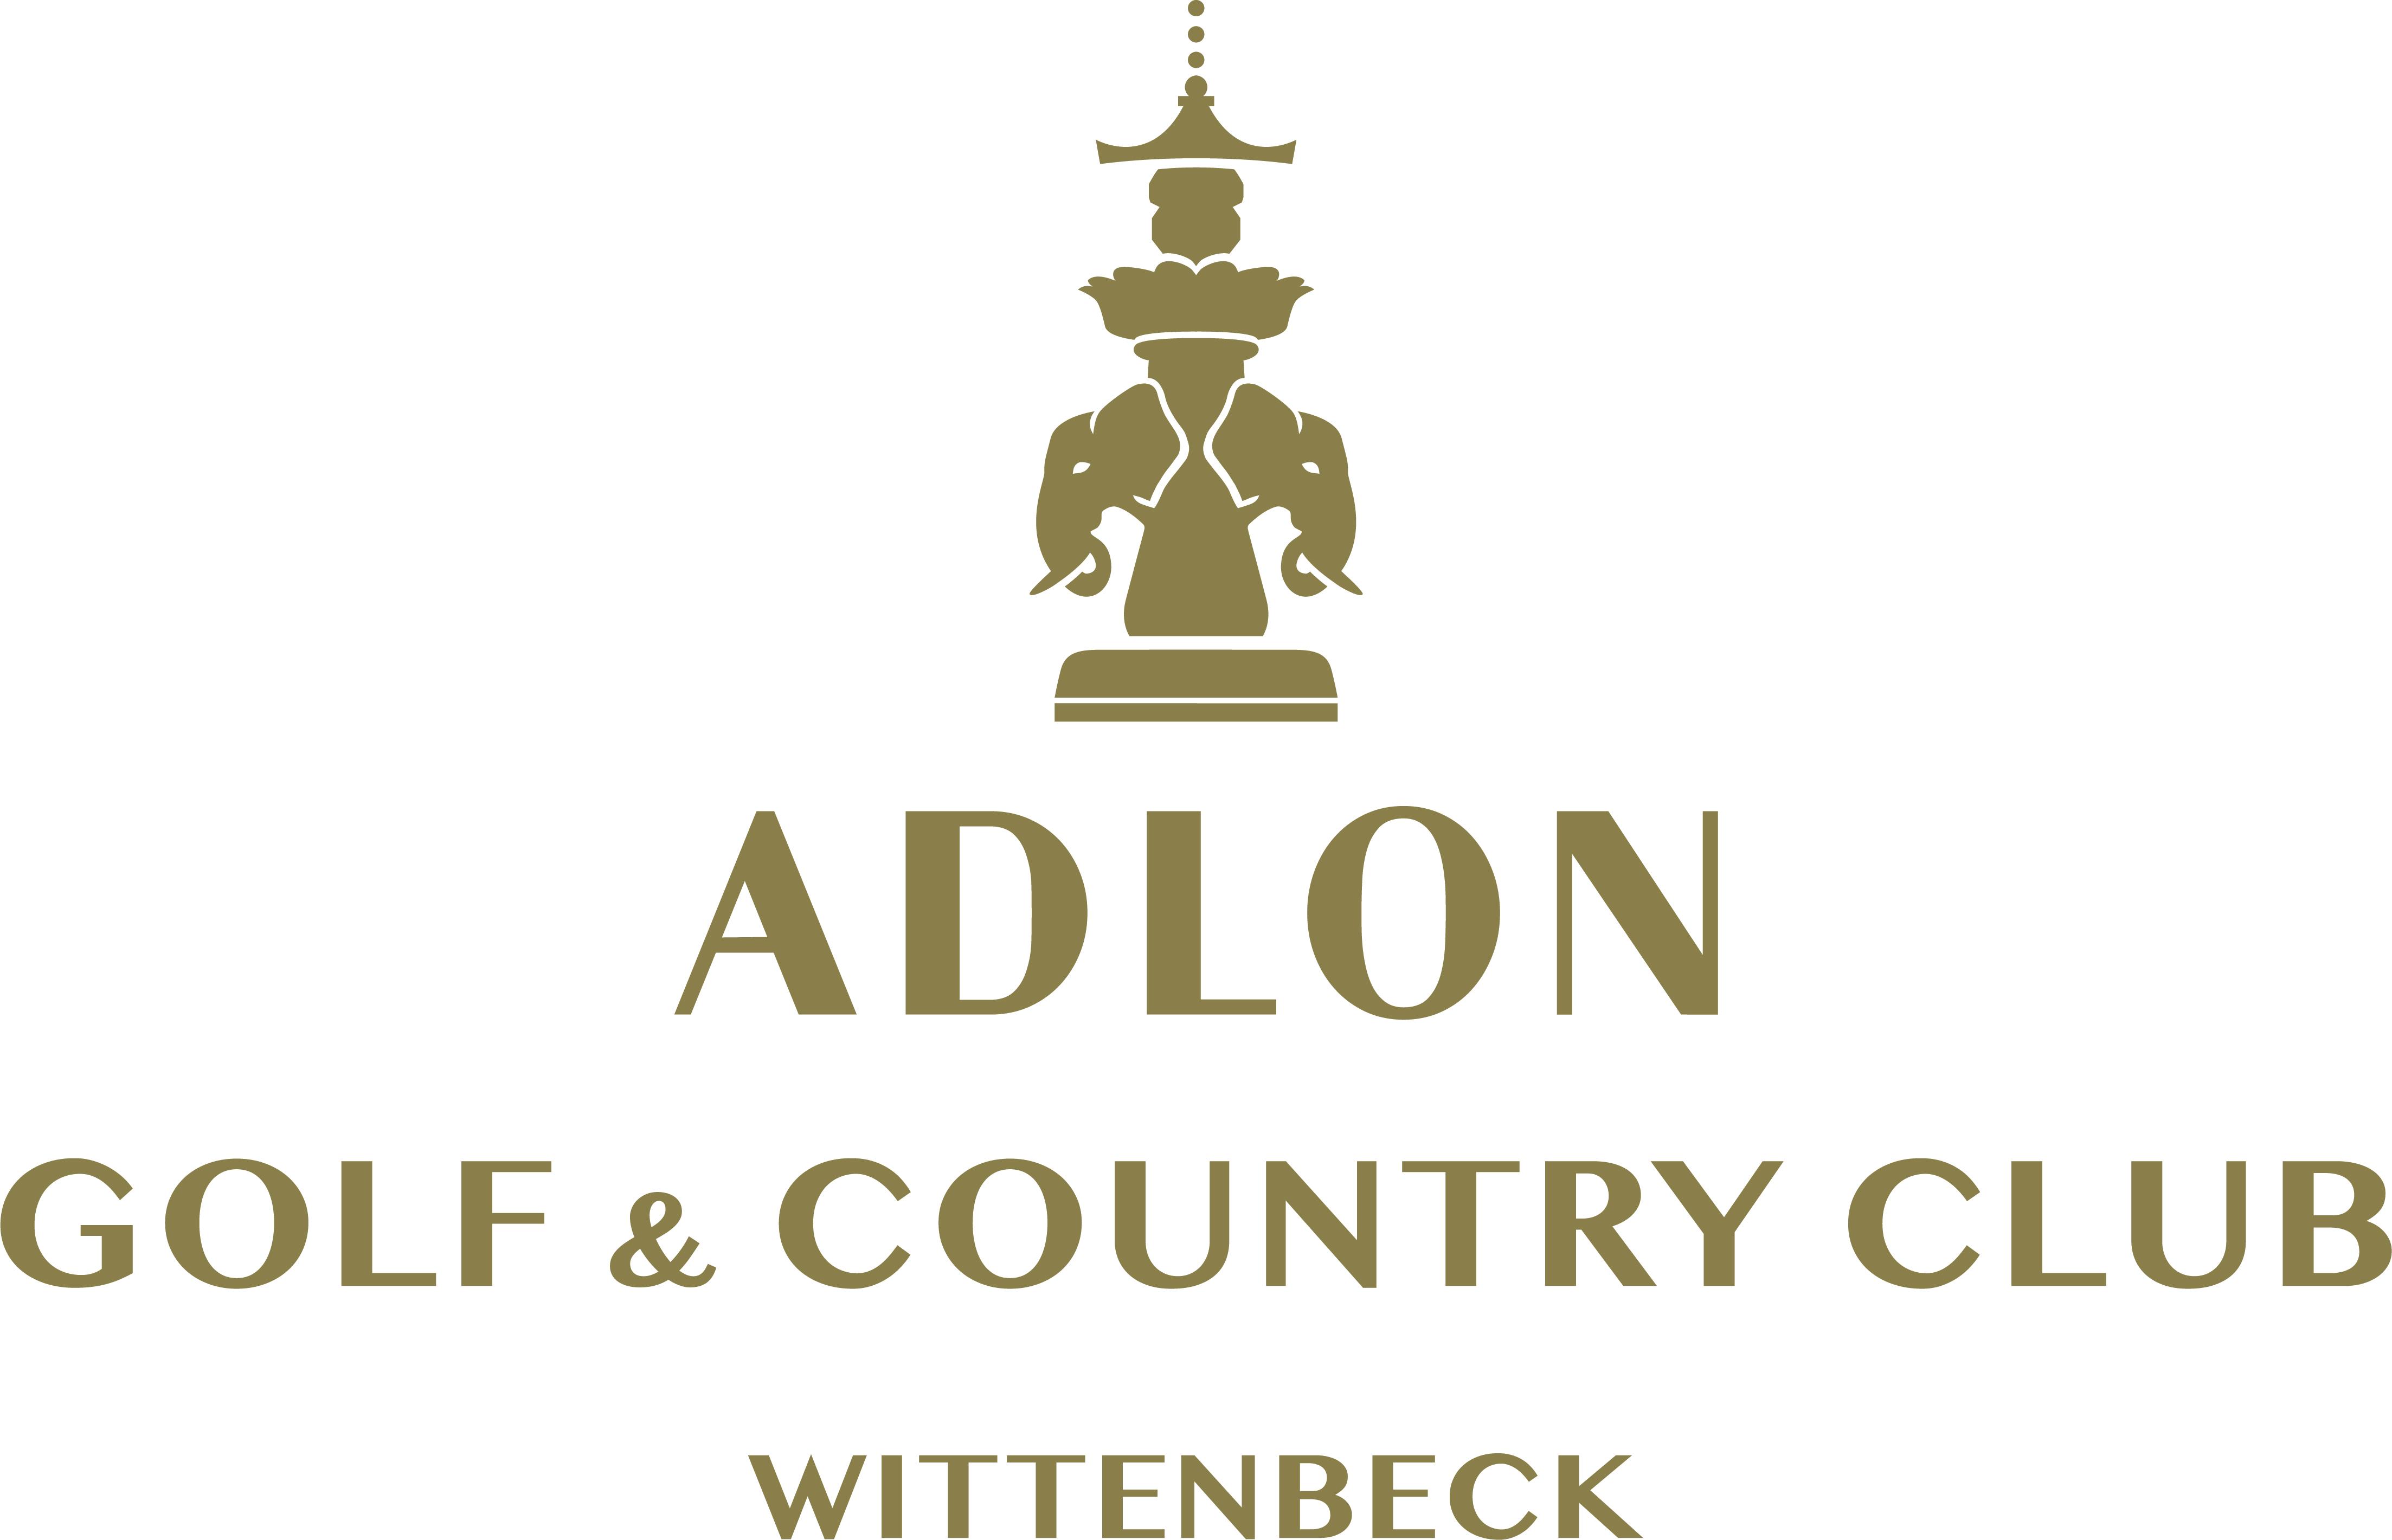 AGCC_Wittenbeck_Logo_Gold.jpg